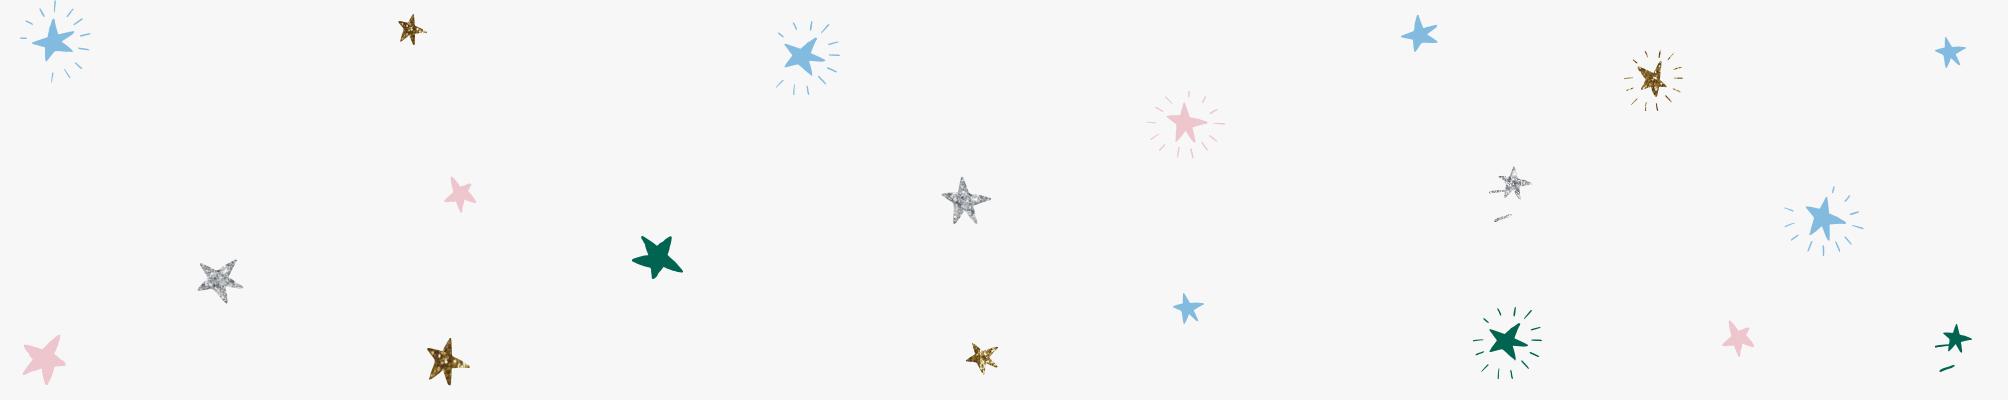 kerst - Herobanner - HEMA